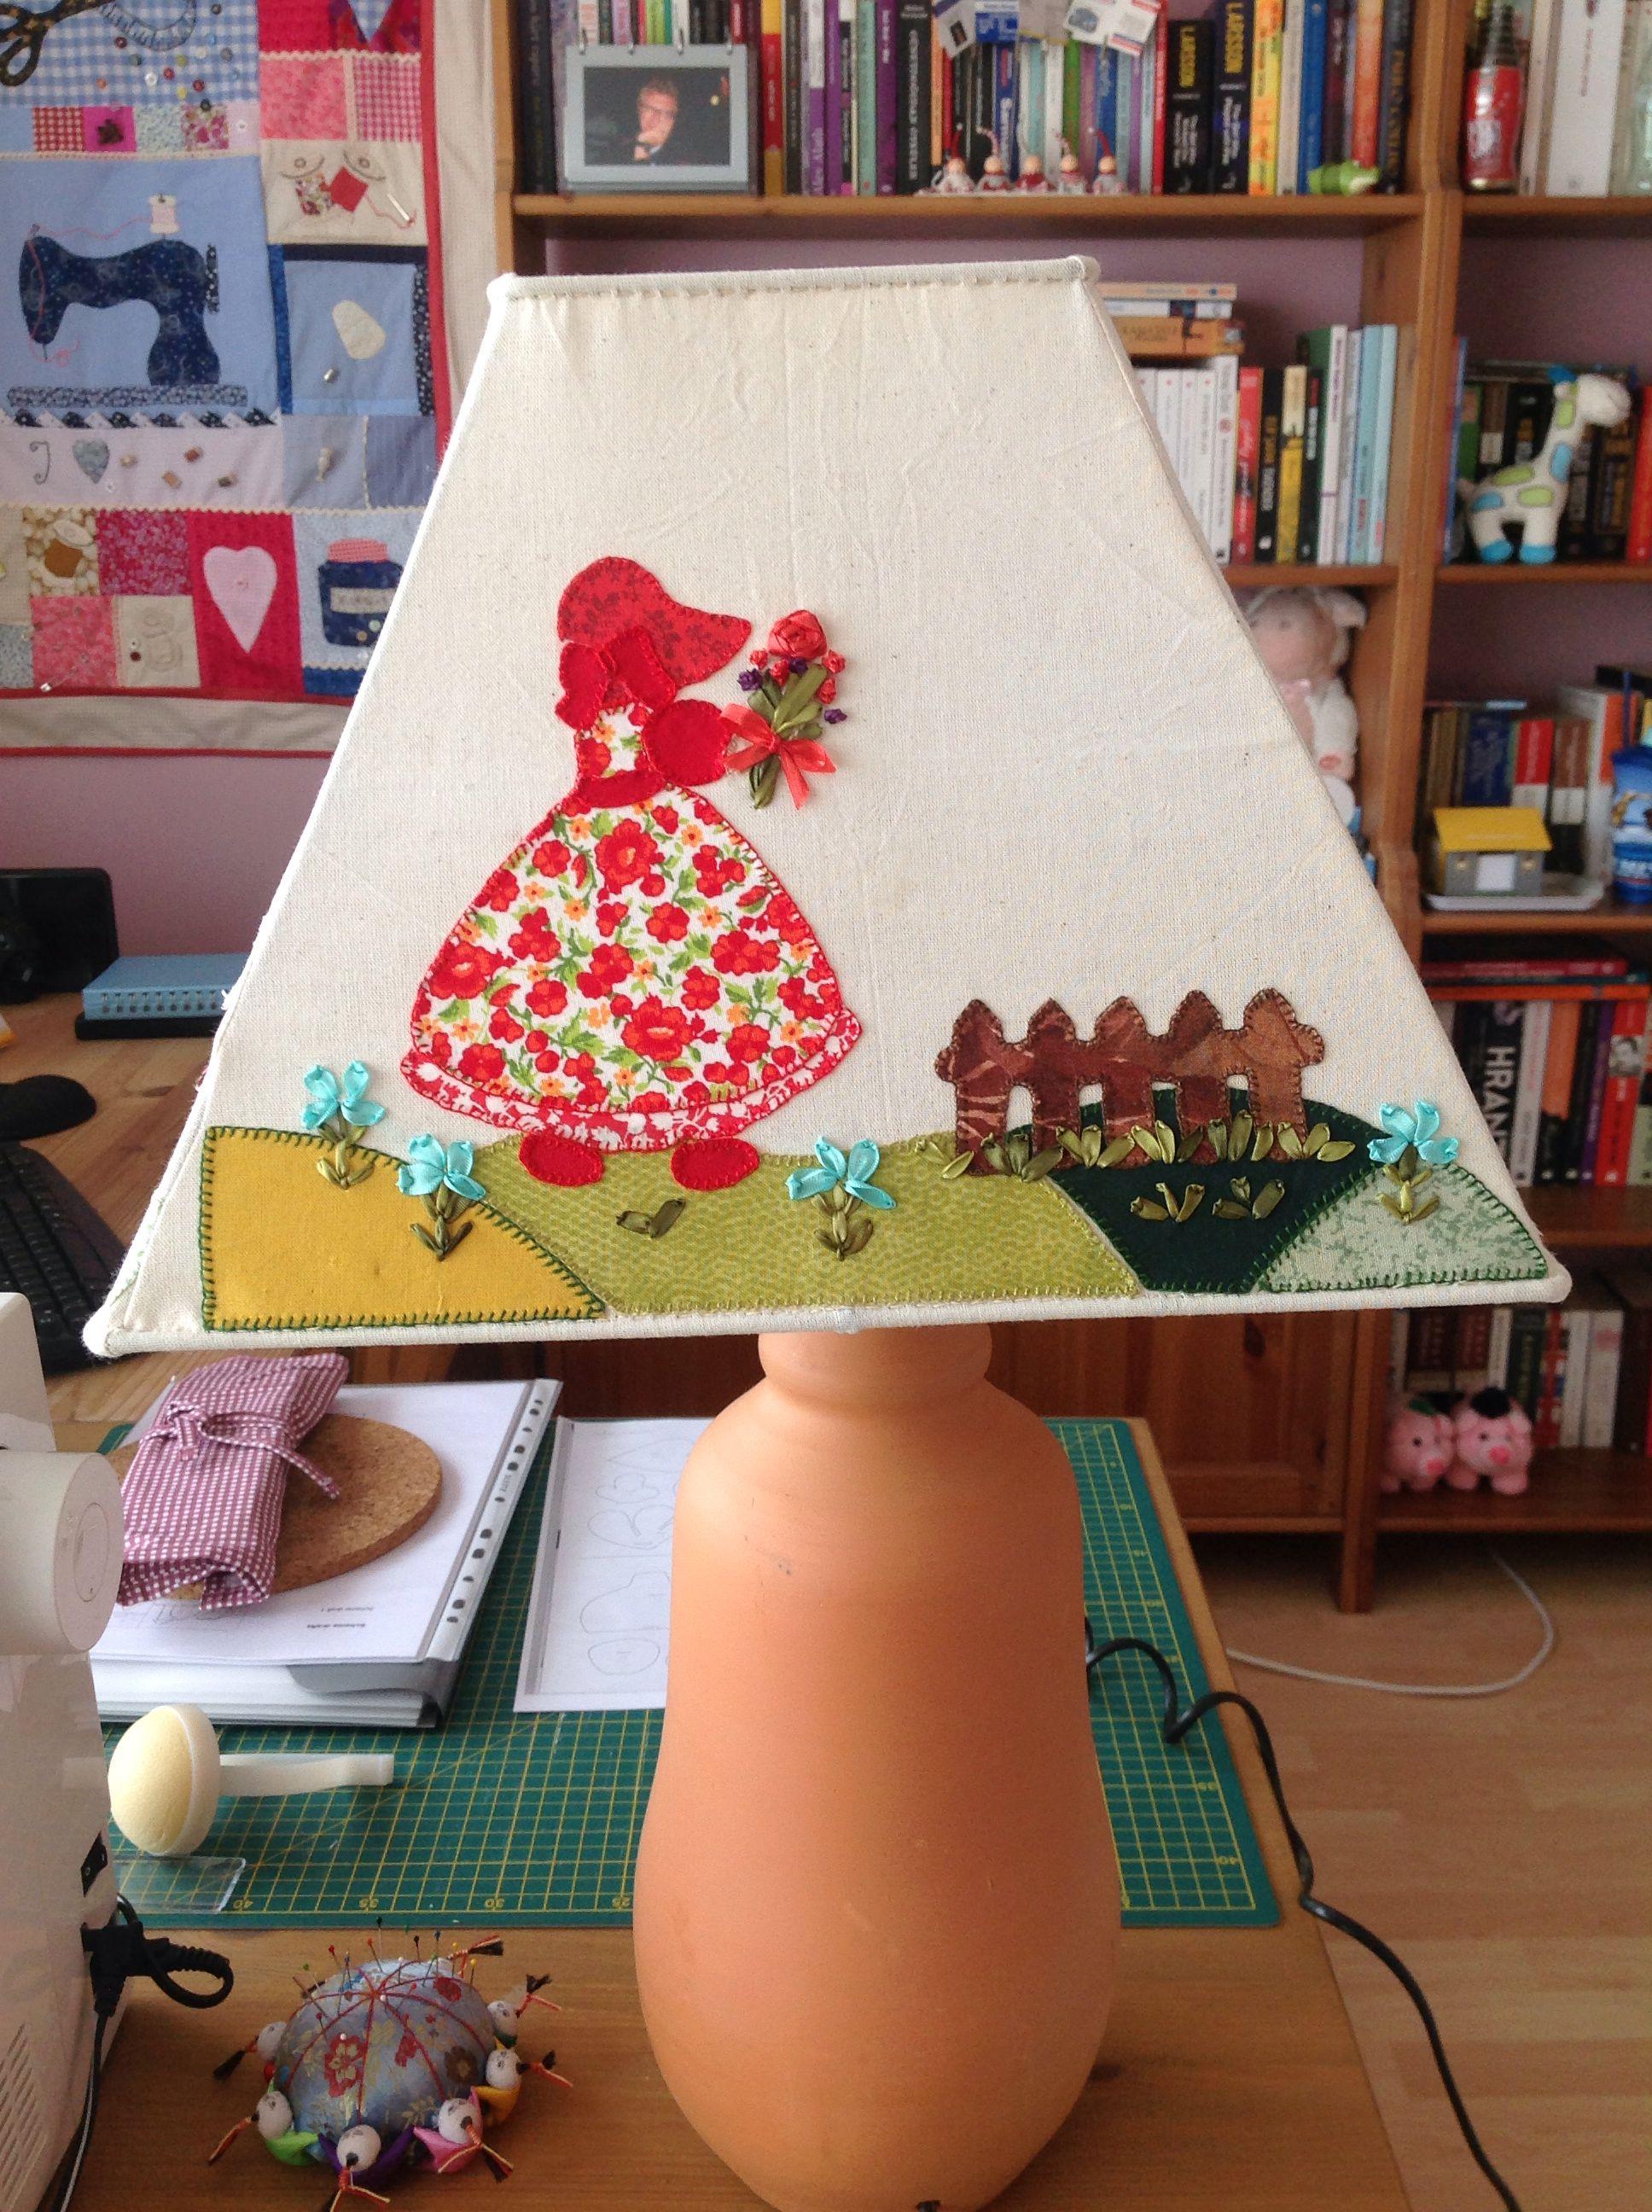 sun bonnet sue..3 #sunbonnetsue